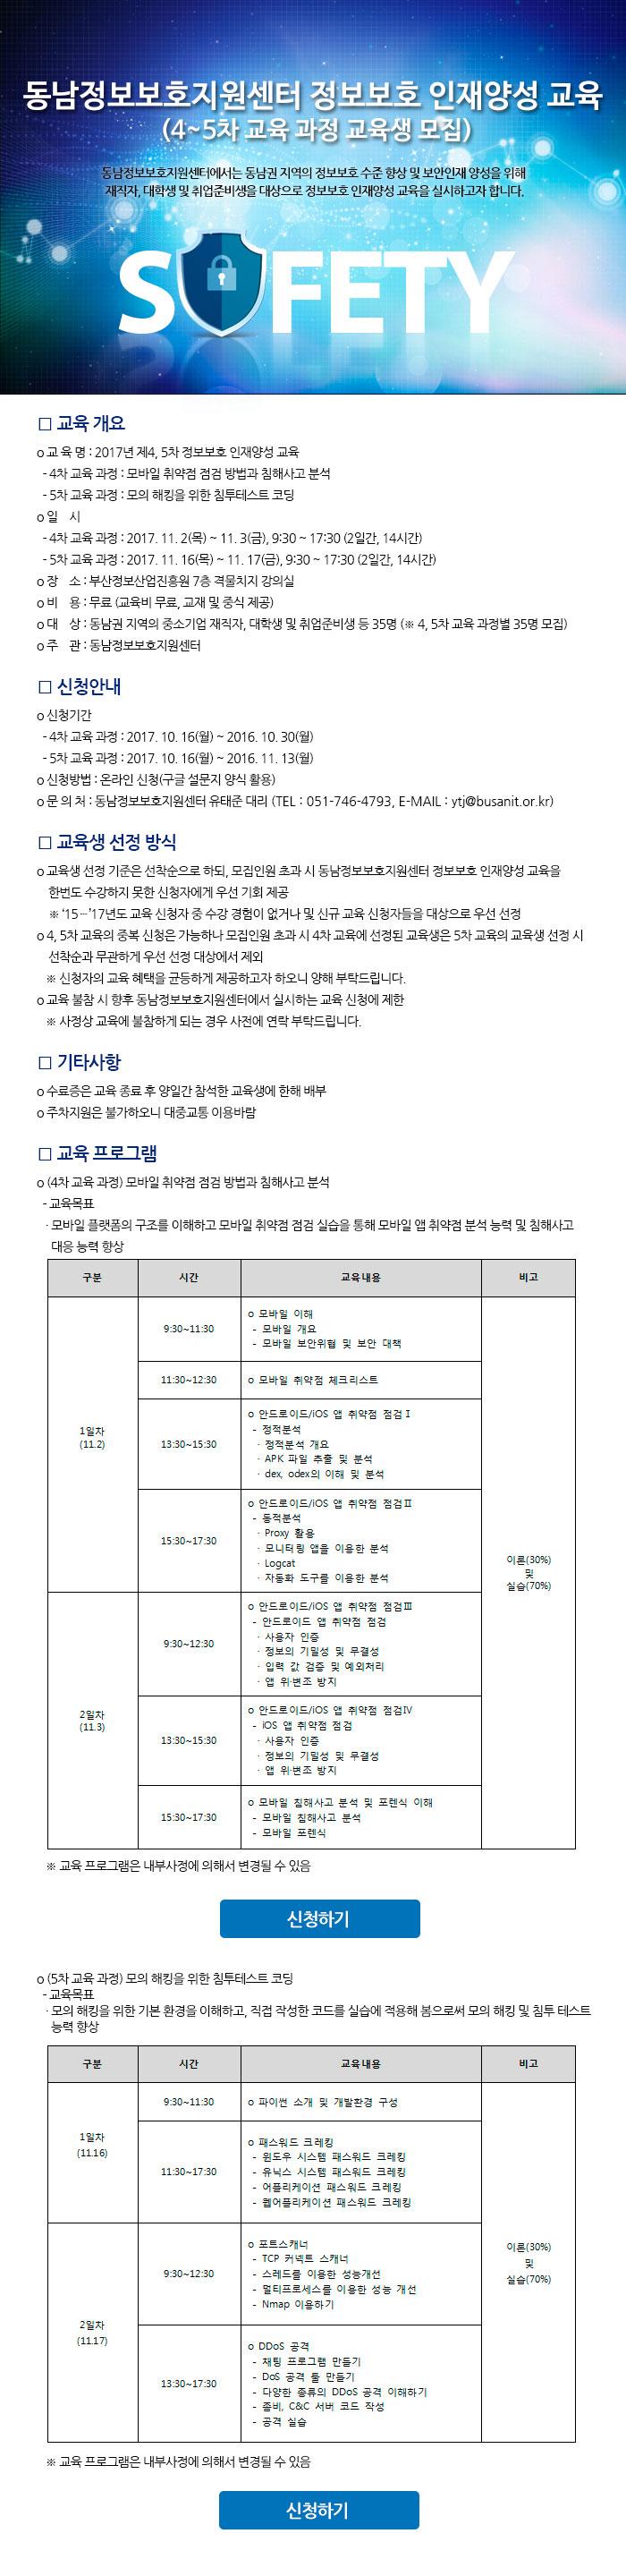 [동남정보보호지원센터] 정보보호 인재양성 교육 (4~5차 교육 과정 교육생 모집)